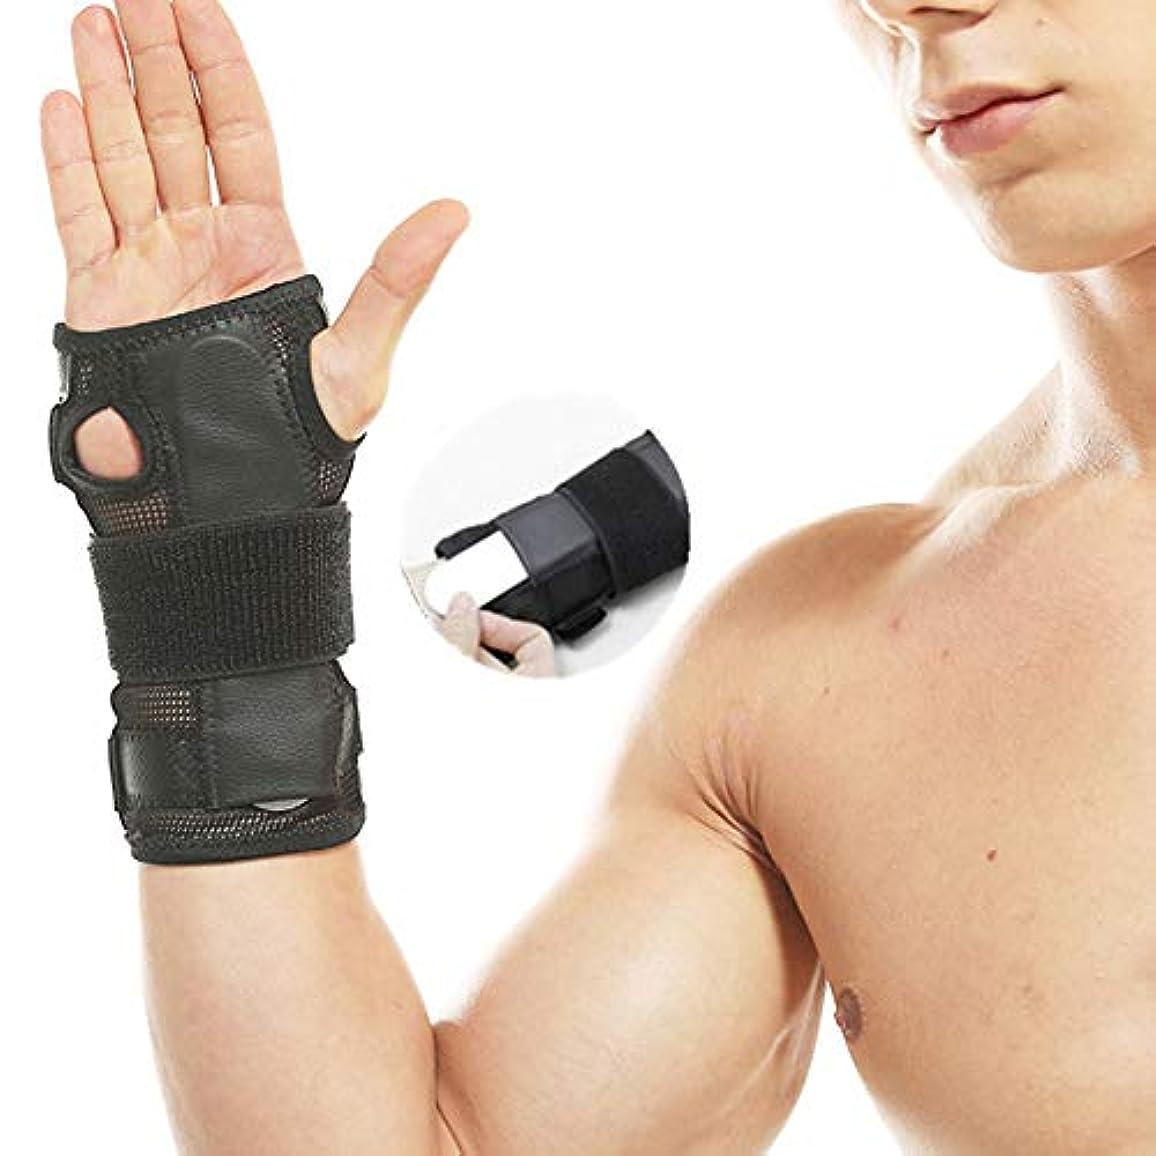 ボイコット平手打ち牛肉ハンドリストバンドリストバンド鉄骨ブレース手首手首サポートスプリント骨折手根管スポーツ捻挫を調整します